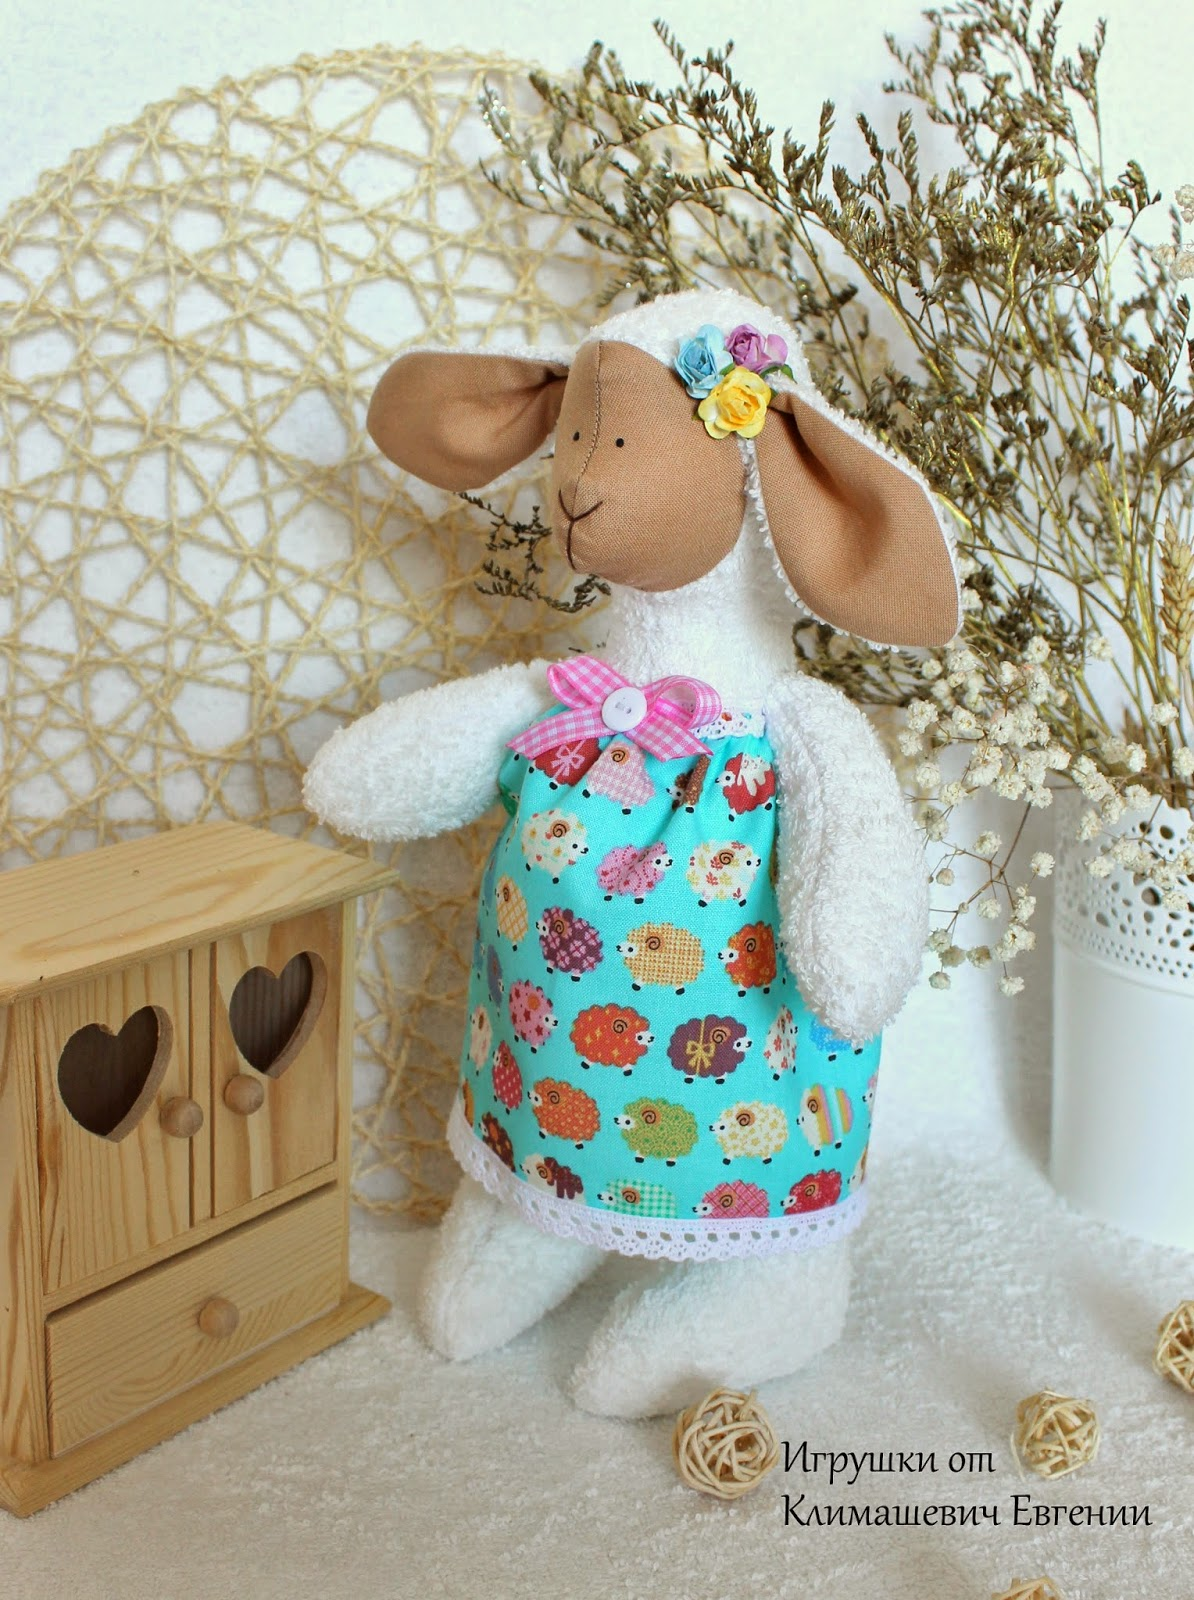 Овечка, тильда овечка, игрушка овечка, купить овечку